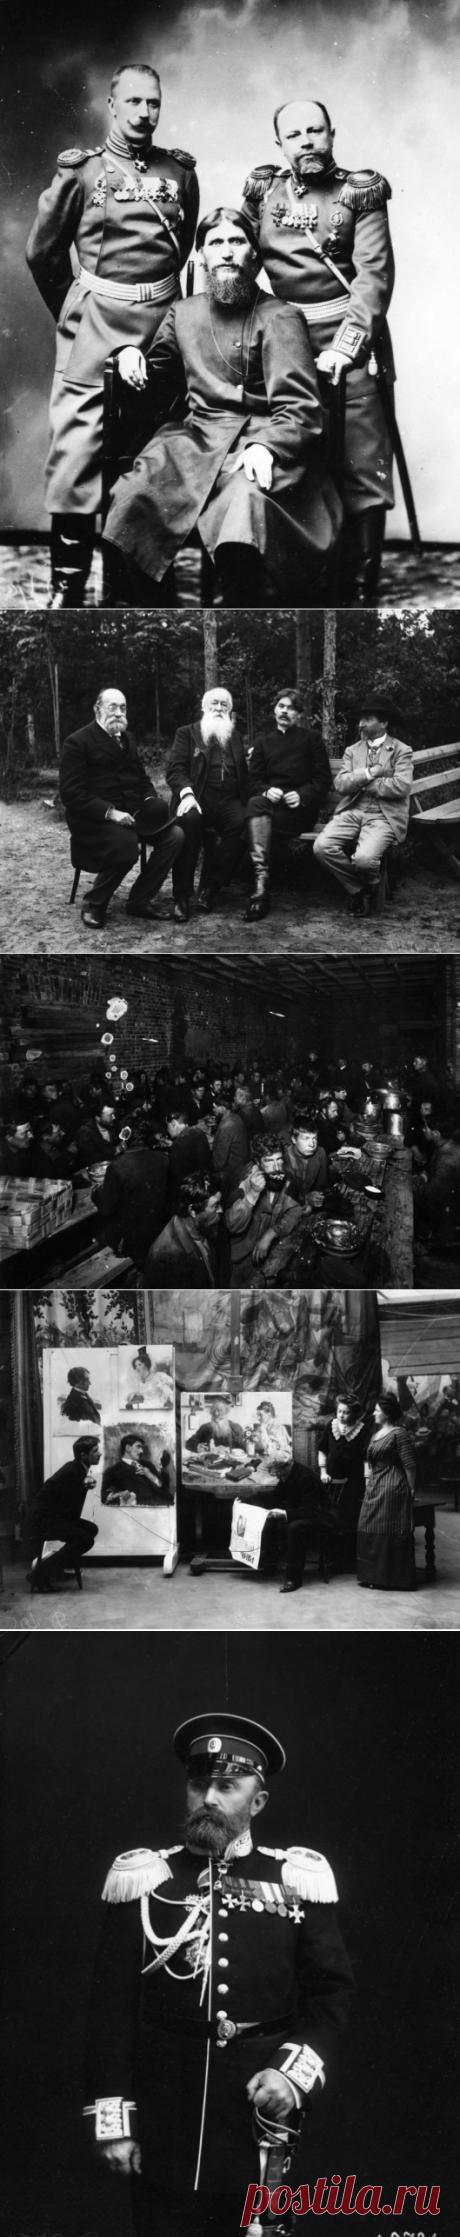 Назад в прошлое: интереснейшая подборка дореволюционных фотографий Карла Булла